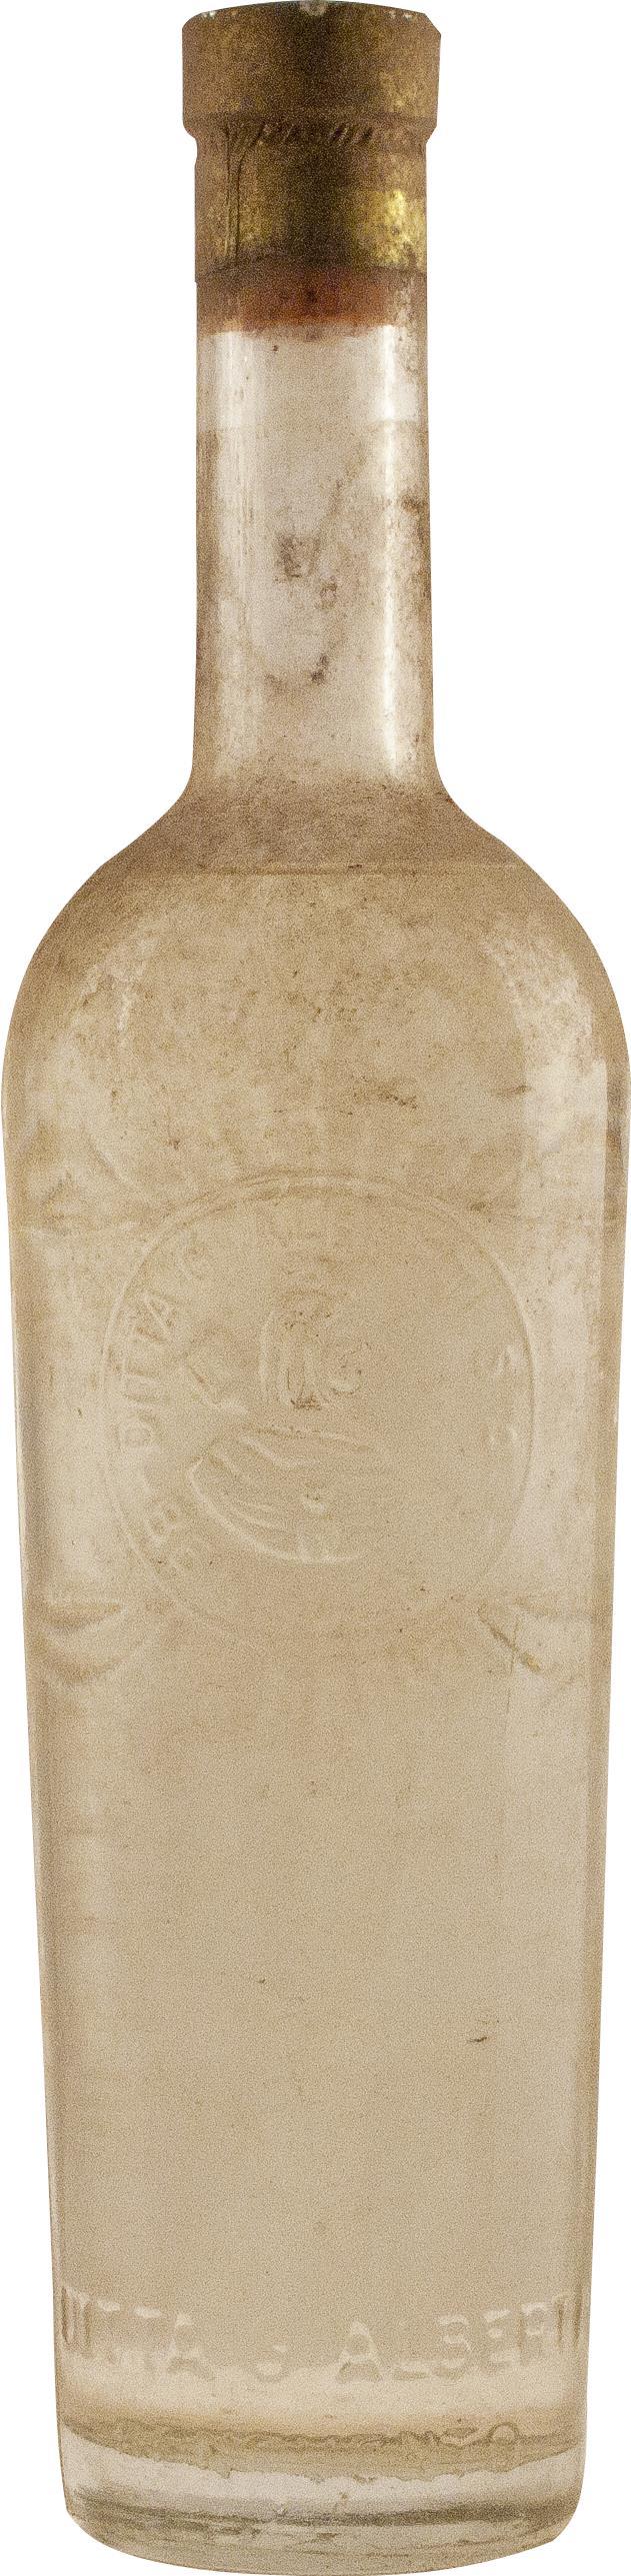 Liquore Strega Ditta G. Alberti 1960s (7728)